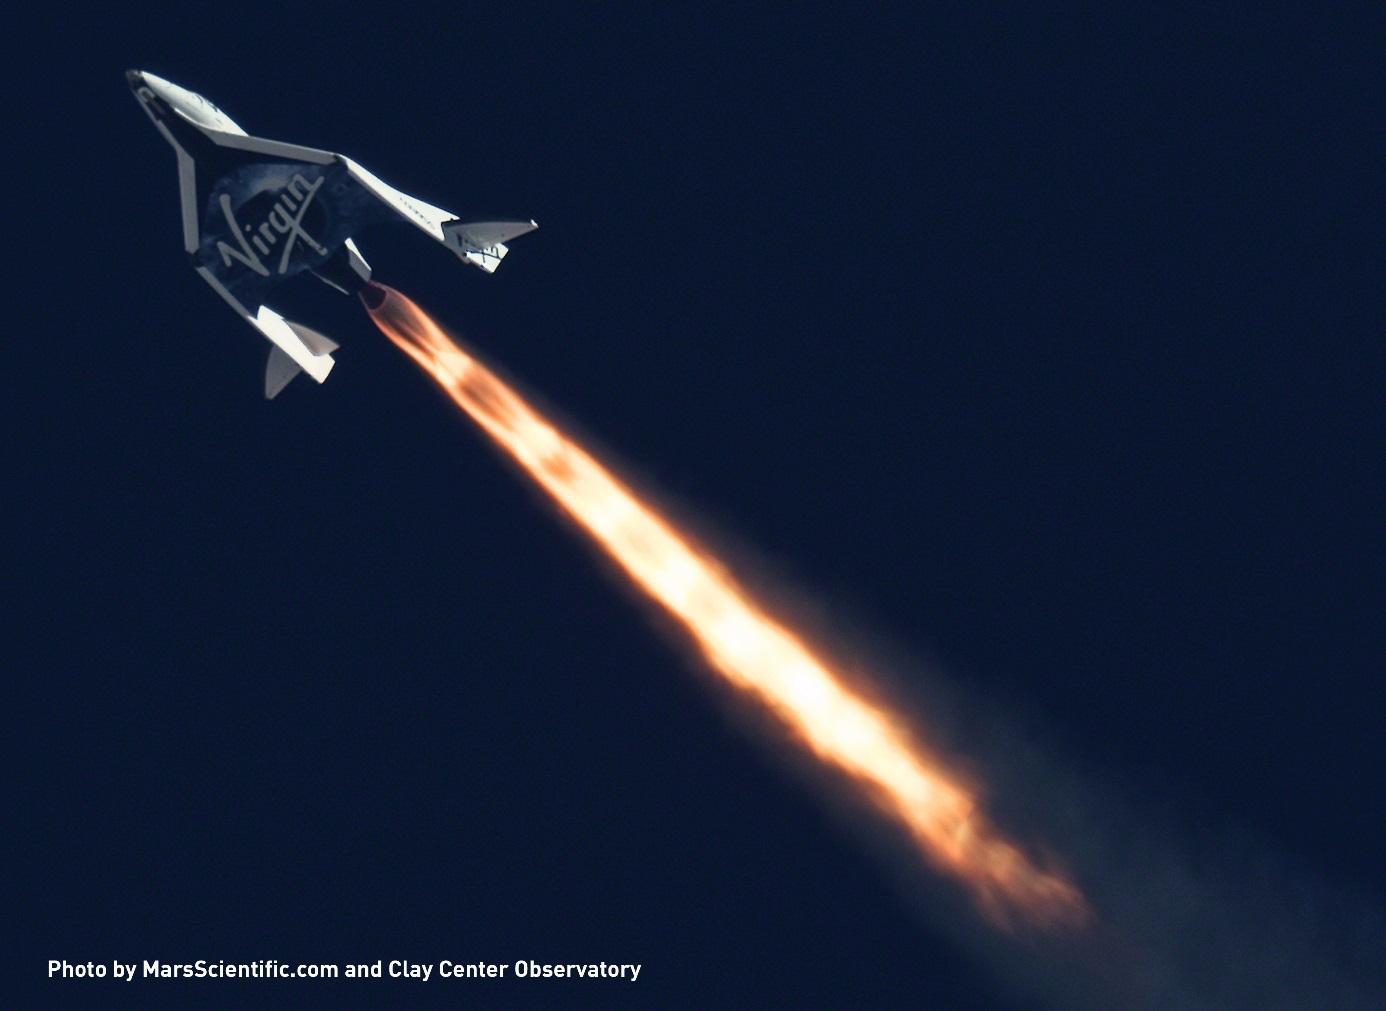 Snímek letu suborbitální lodi SpaceShipTwo v dalekohledu během zkušebního letu v roce 2013 (zdroj MarsScientific.com and Clay Center Observatory).